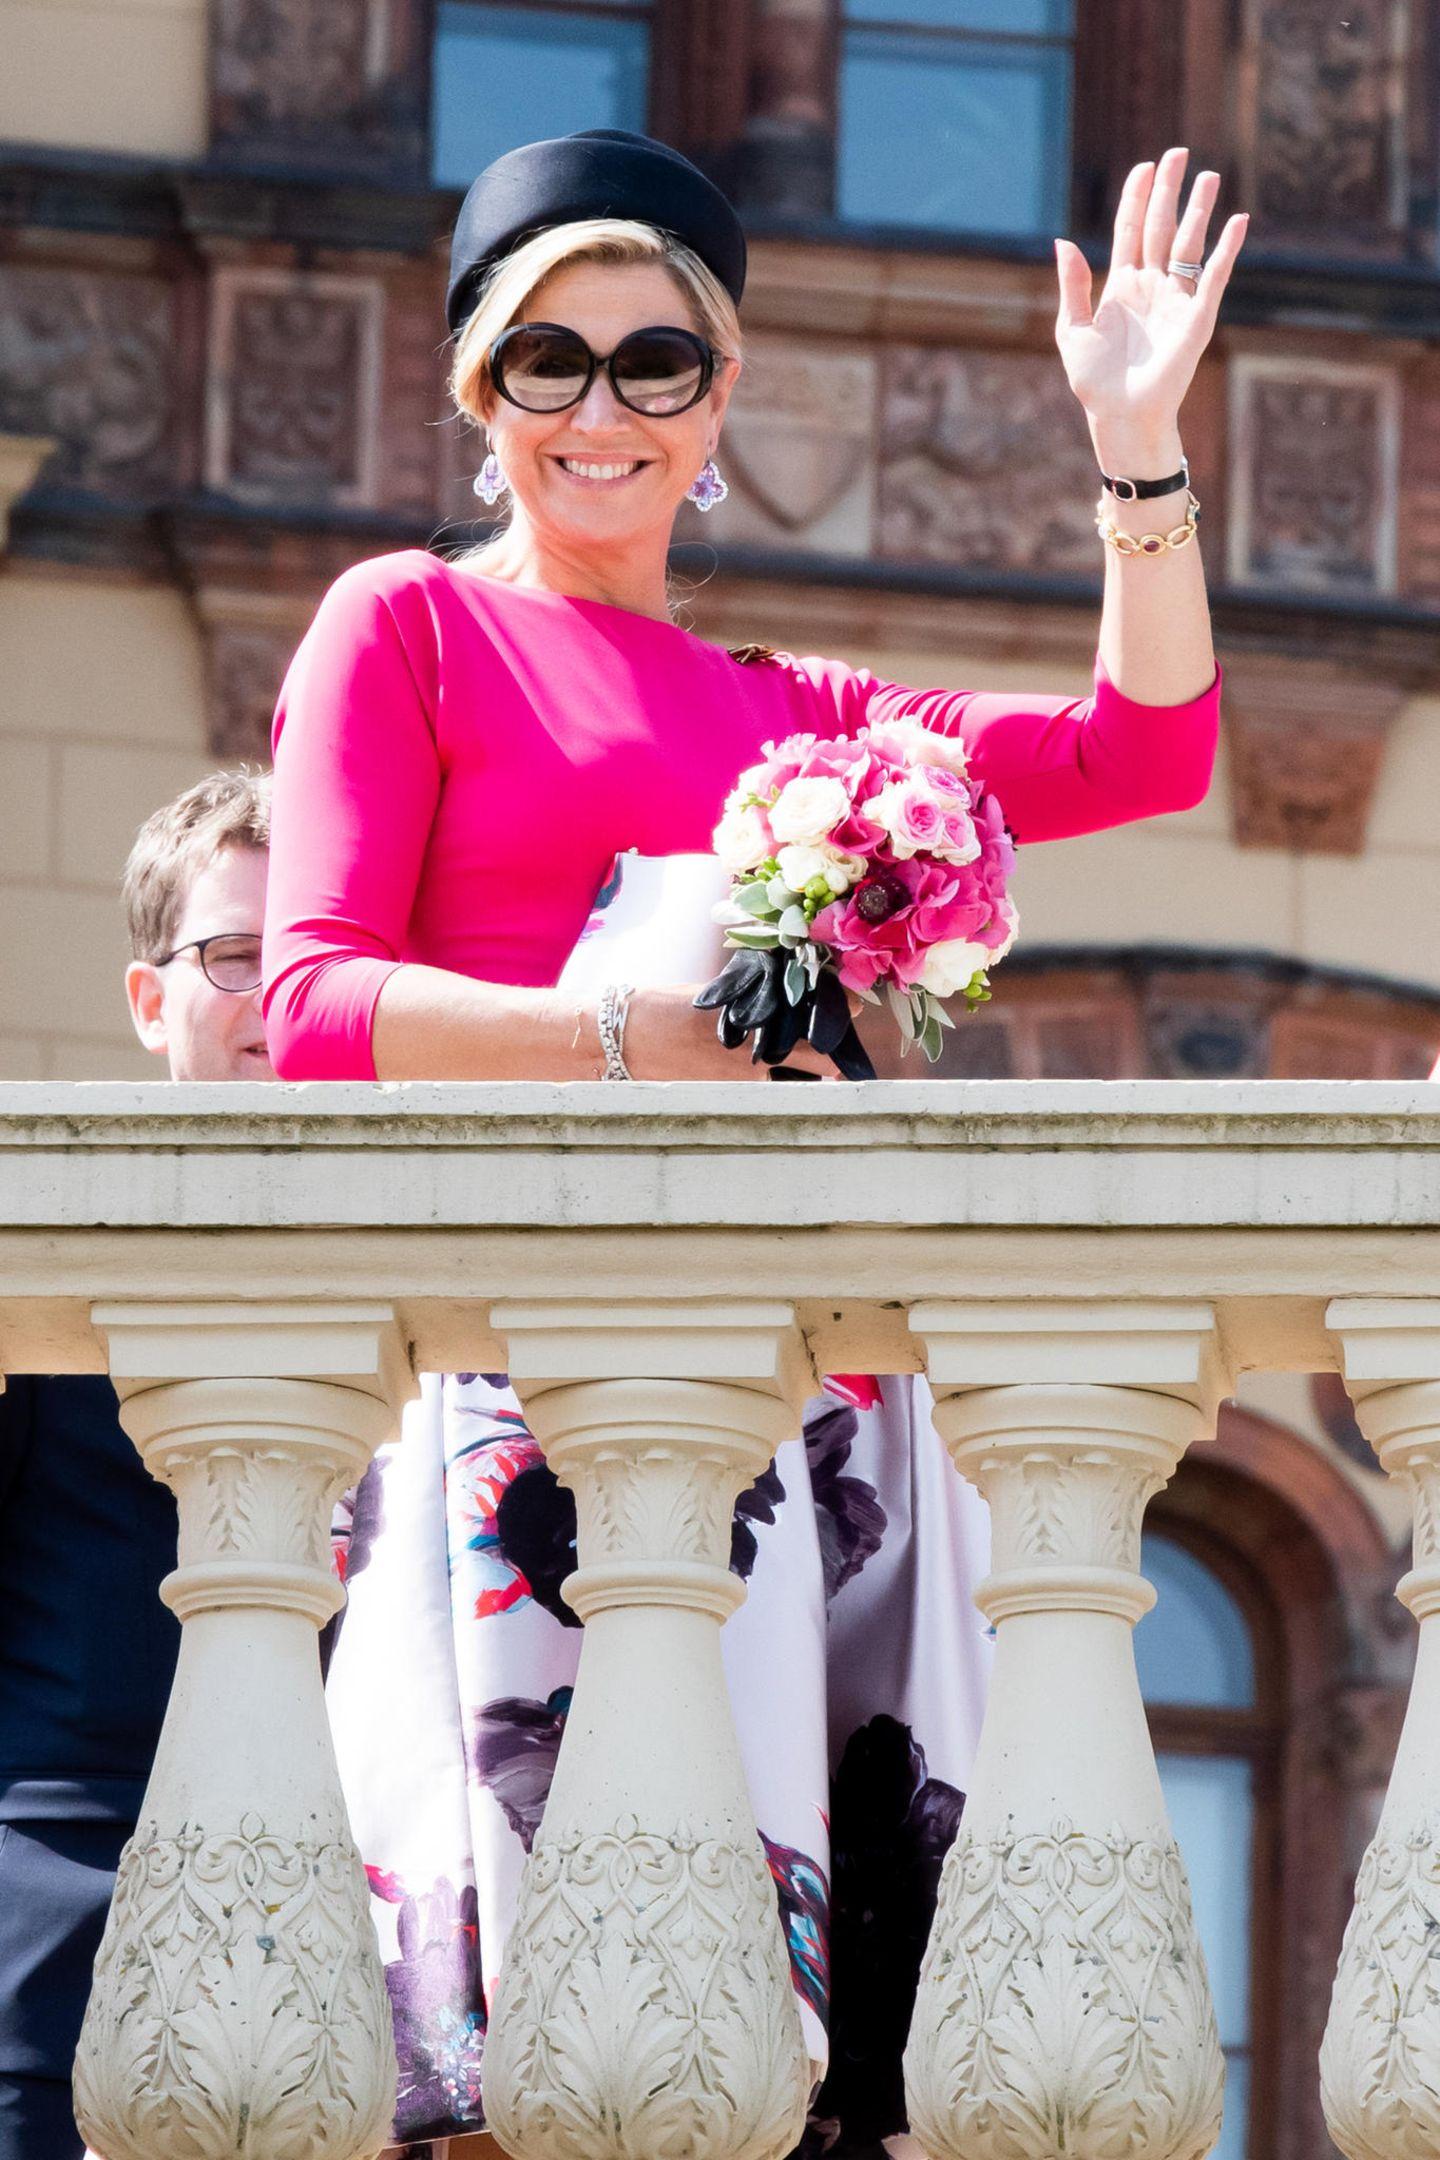 20. Mai 2019  Königin Máxima zeigt sich bei der Ankunft in Schweringut gelaunt und winkt der wartenden Menge herzlich zu.